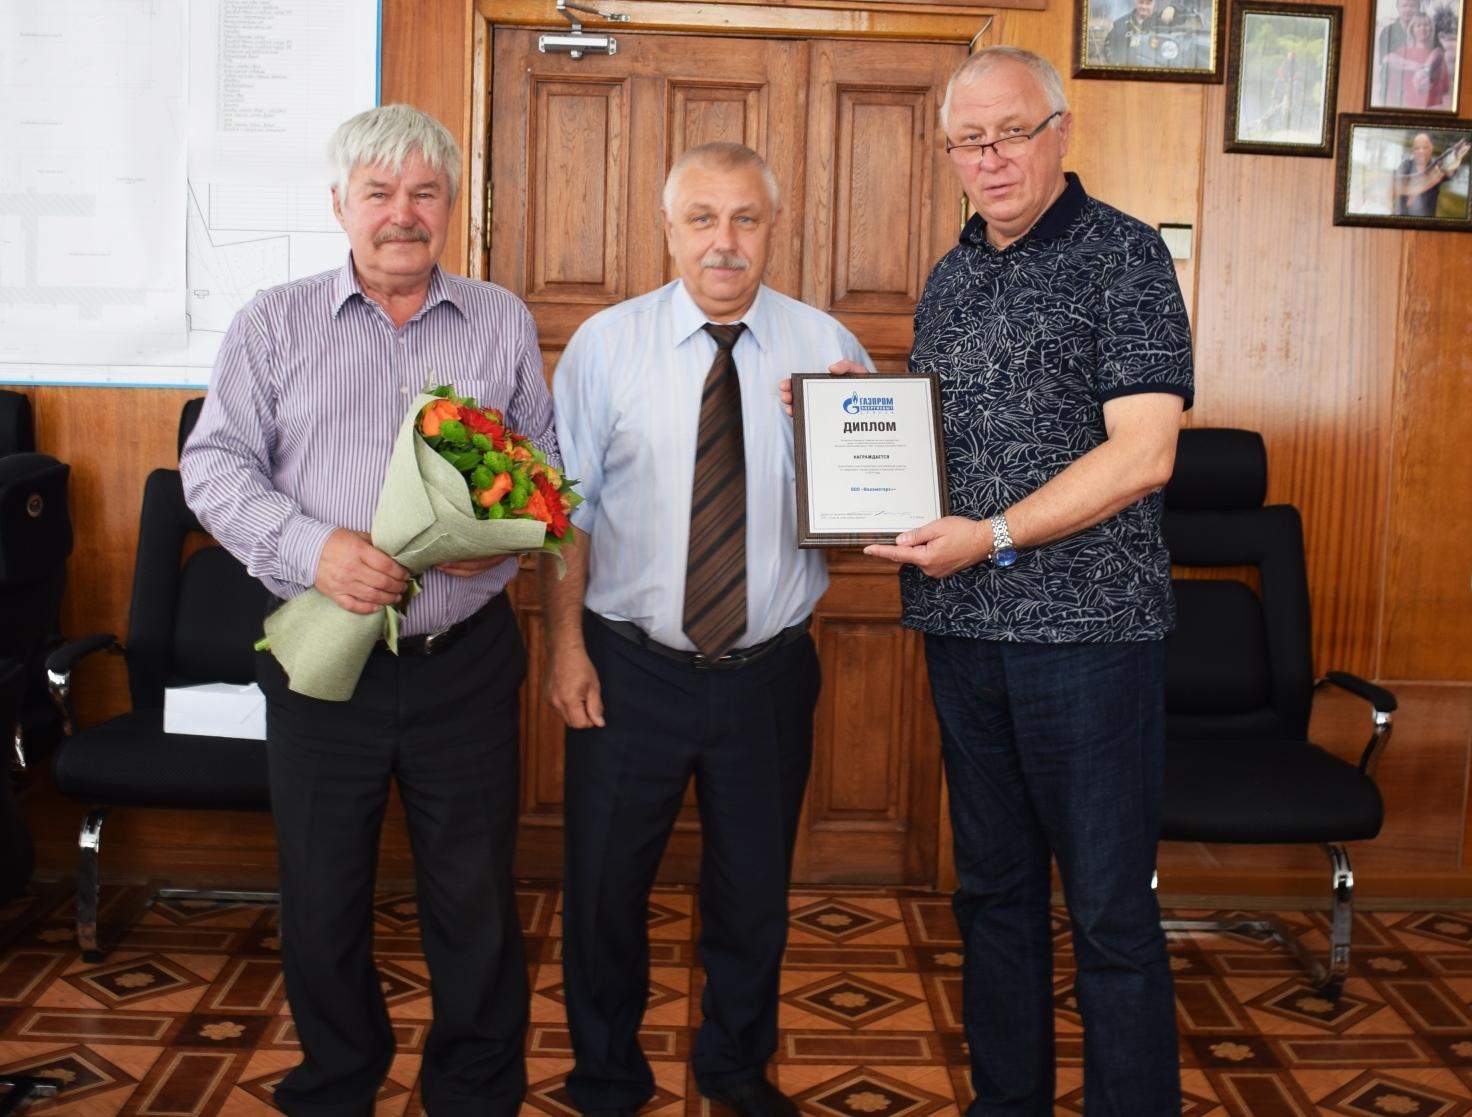 Конкурс «Энергия честного партнерства»: приз в номинации «Добросовестный потребитель» получила жуковская компания